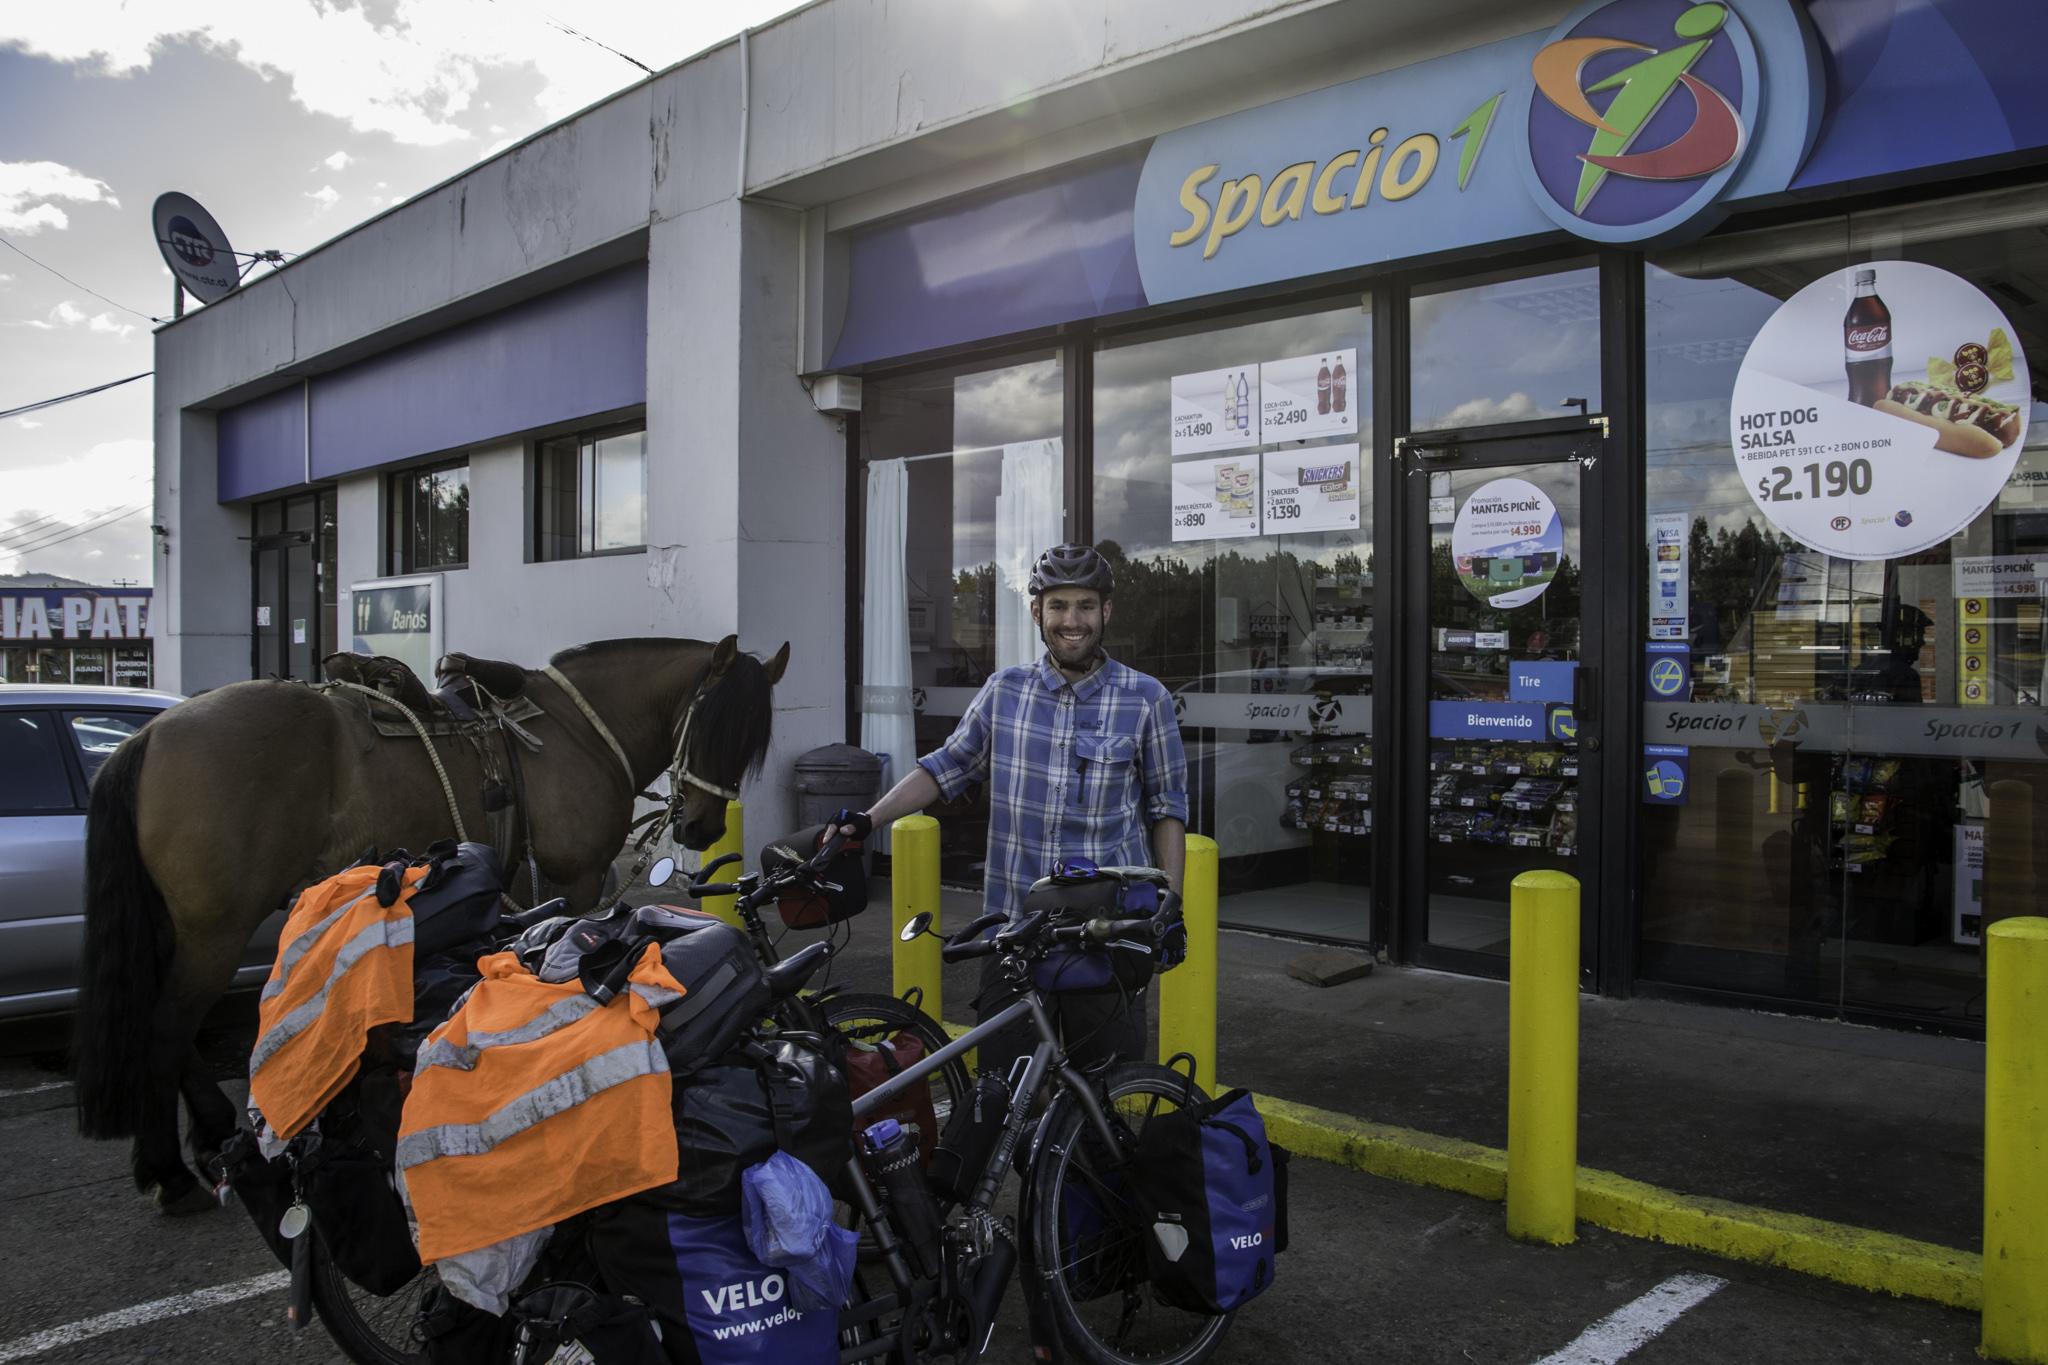 Ein Pferd und zwei kleine Drahteselchen vor einem Tankstellenshop